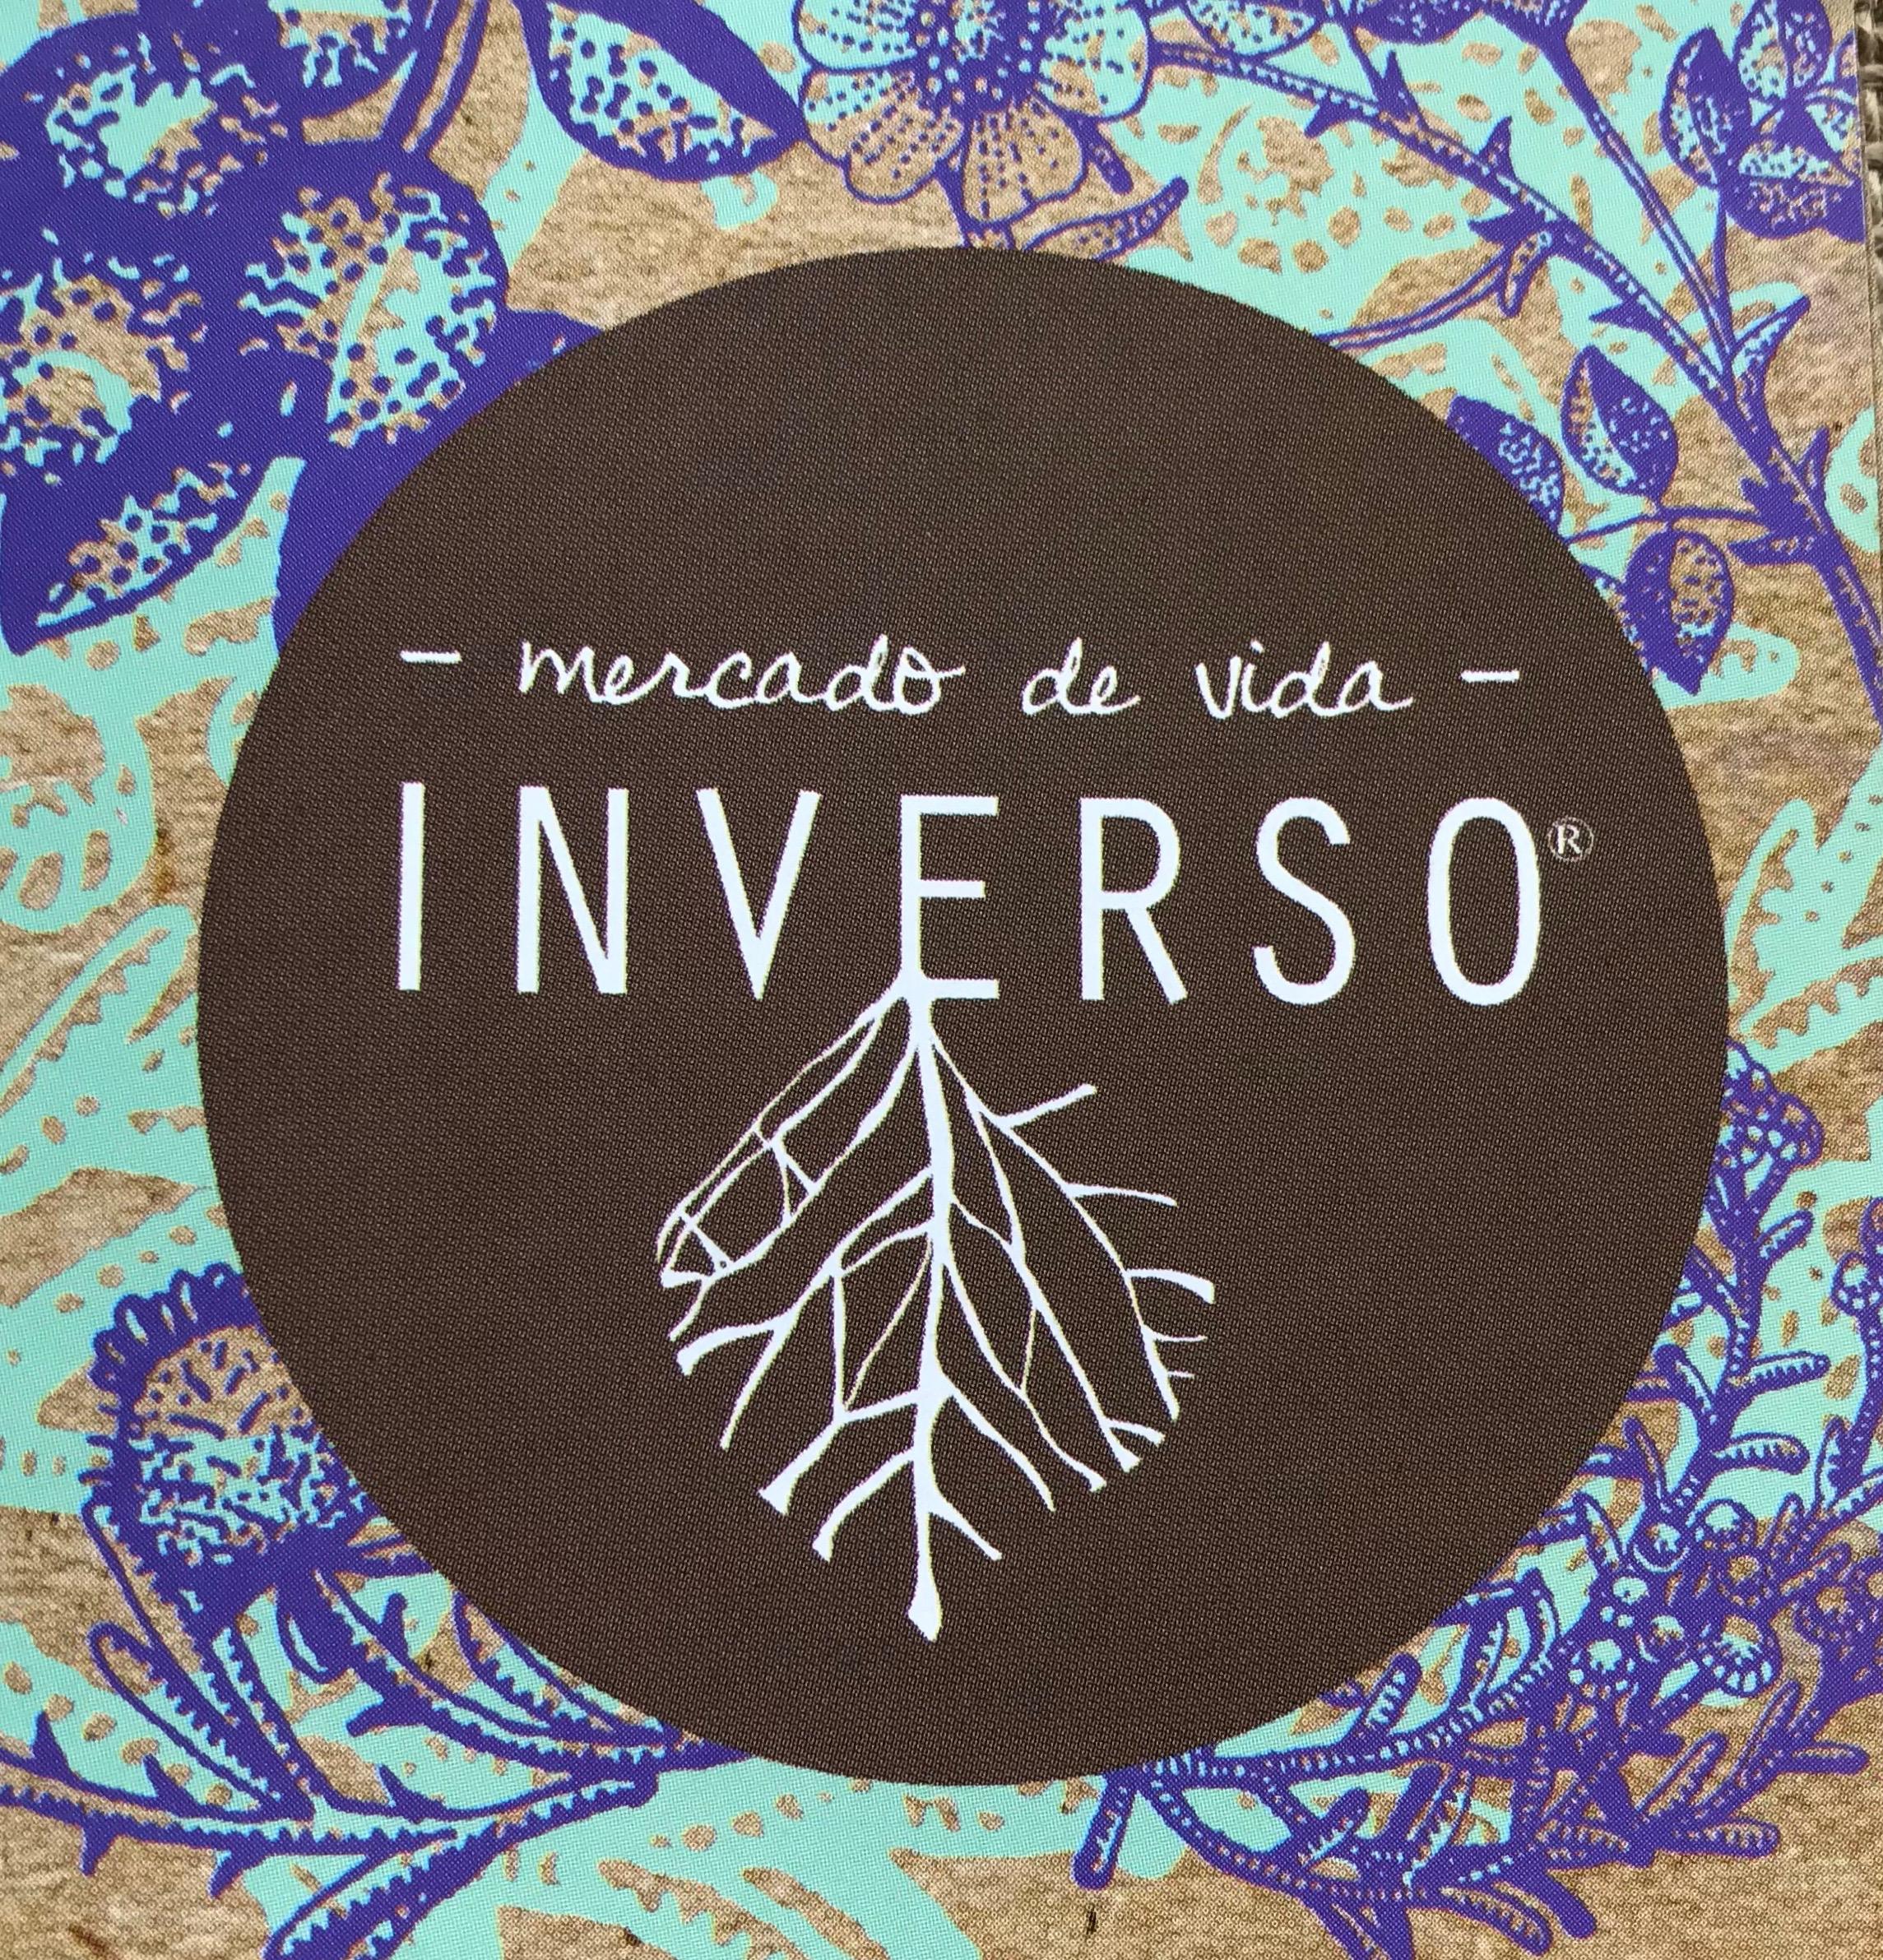 Inverso Mercado (DOMICILIOS )  Inverso es una tienda online dedicada a ofrecer a los caleros productos locales donde se respete la vida y a salud de quienes los consumen.  Domicilios en Cali. Martes y Miércoles.  tel. 320 7349904